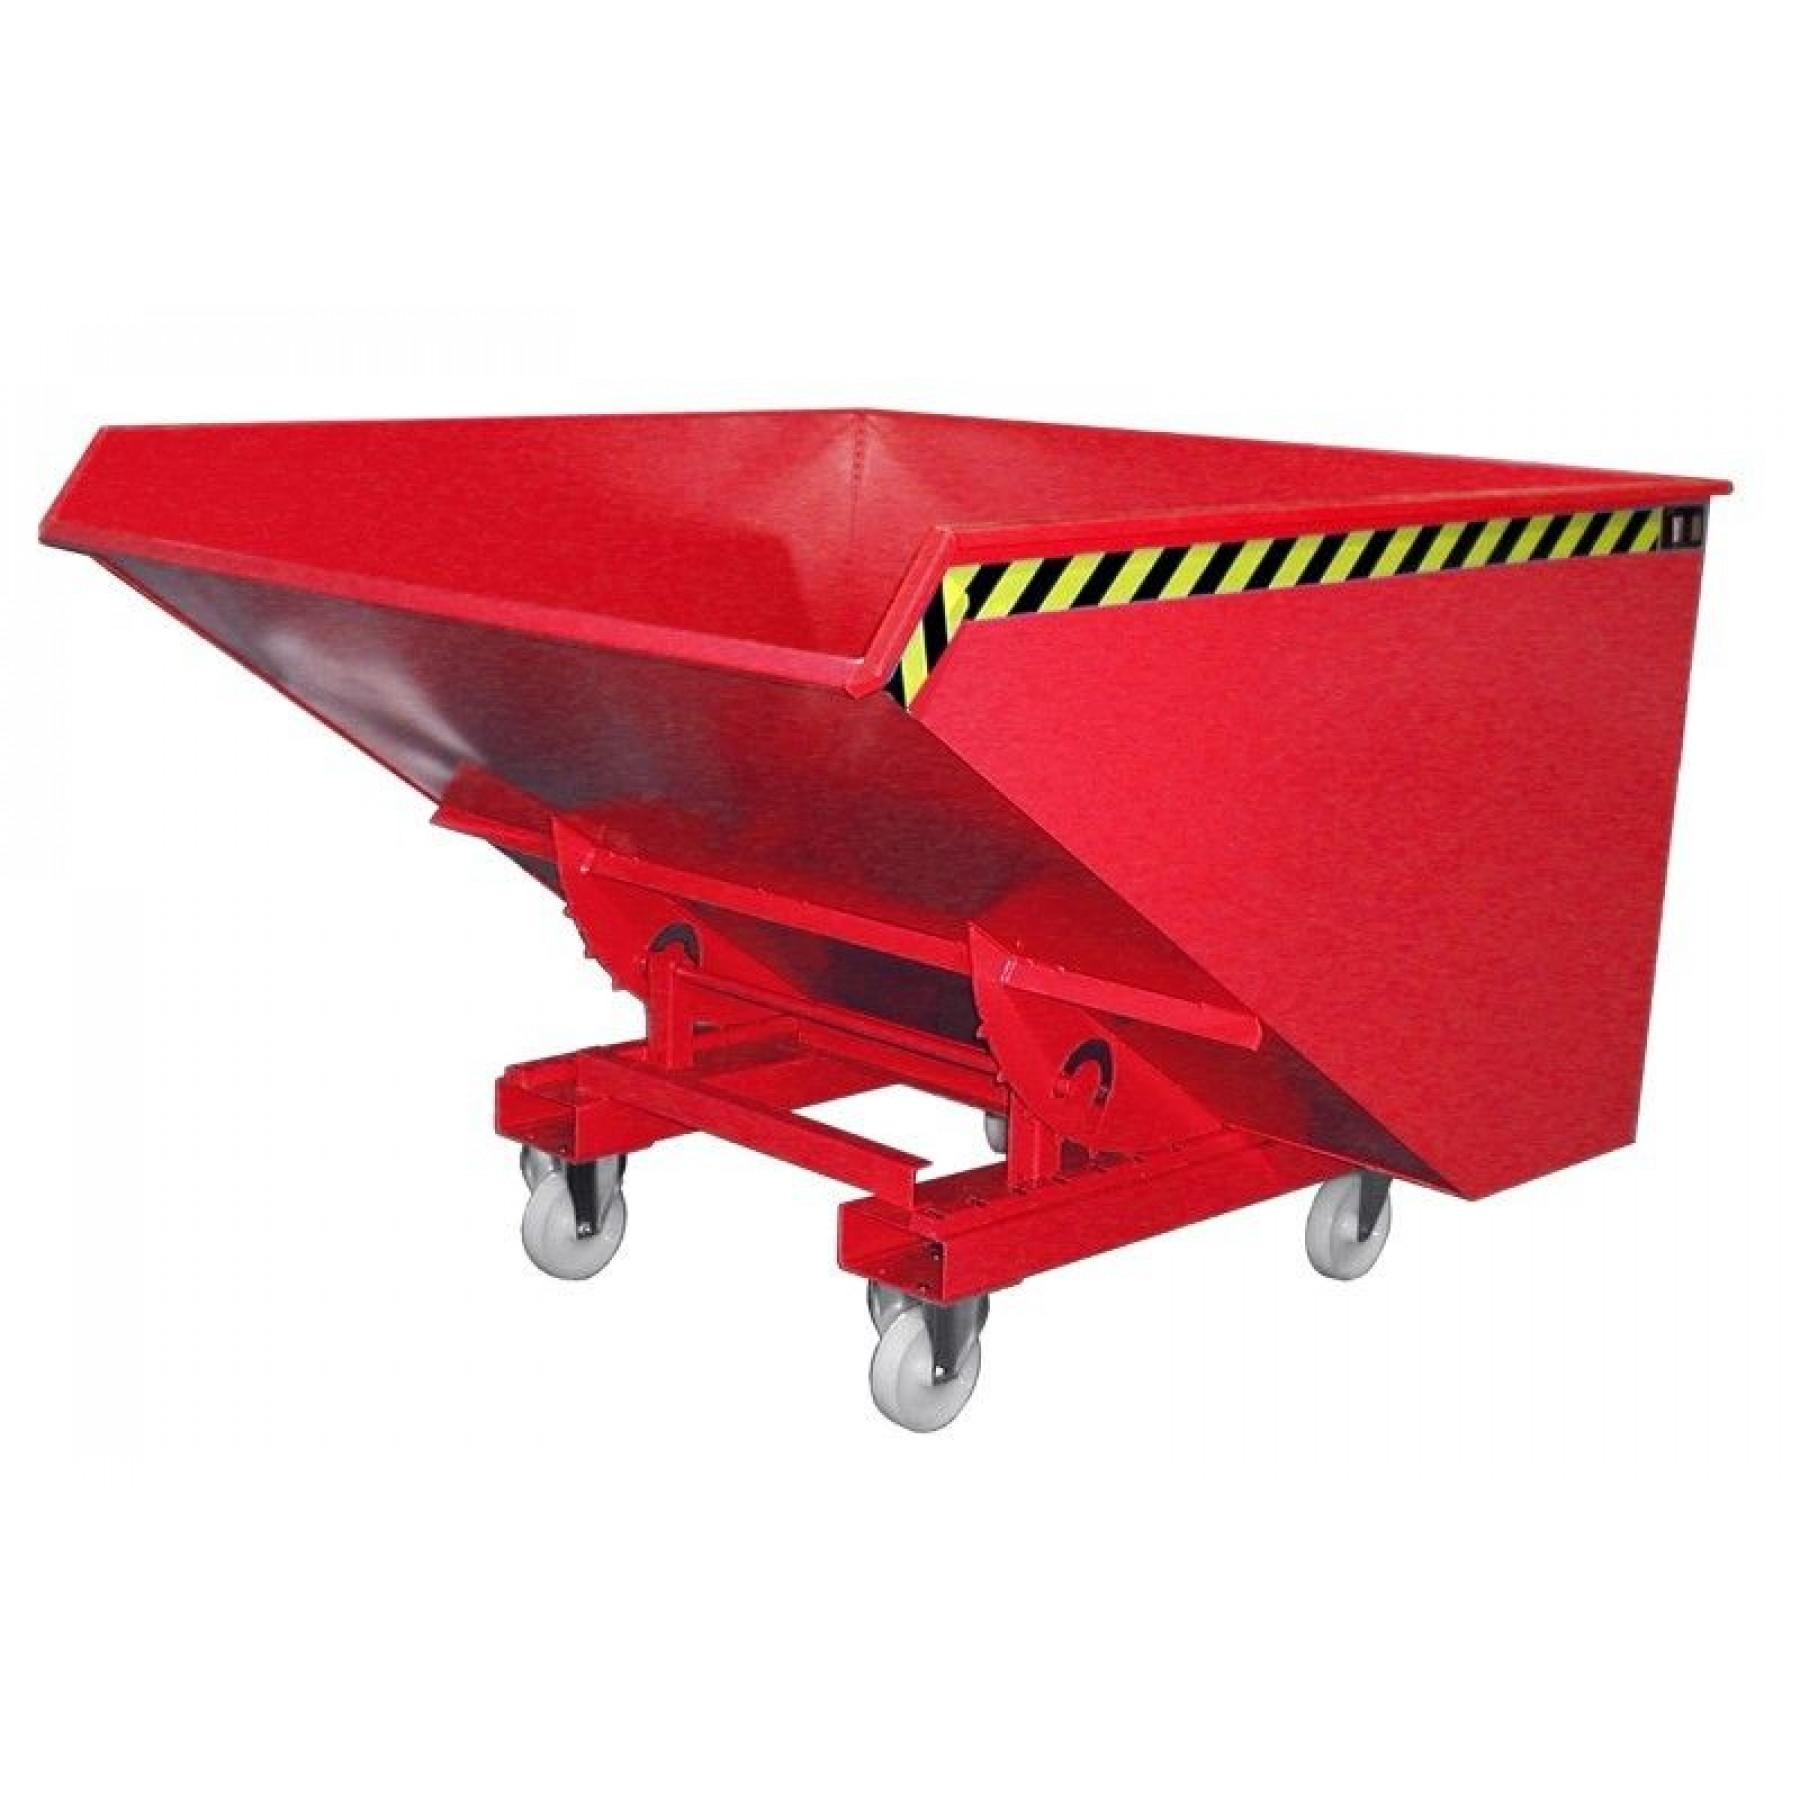 Wielenset met kunststof wielen voor kiepcontainers, MTF-WIELENSET